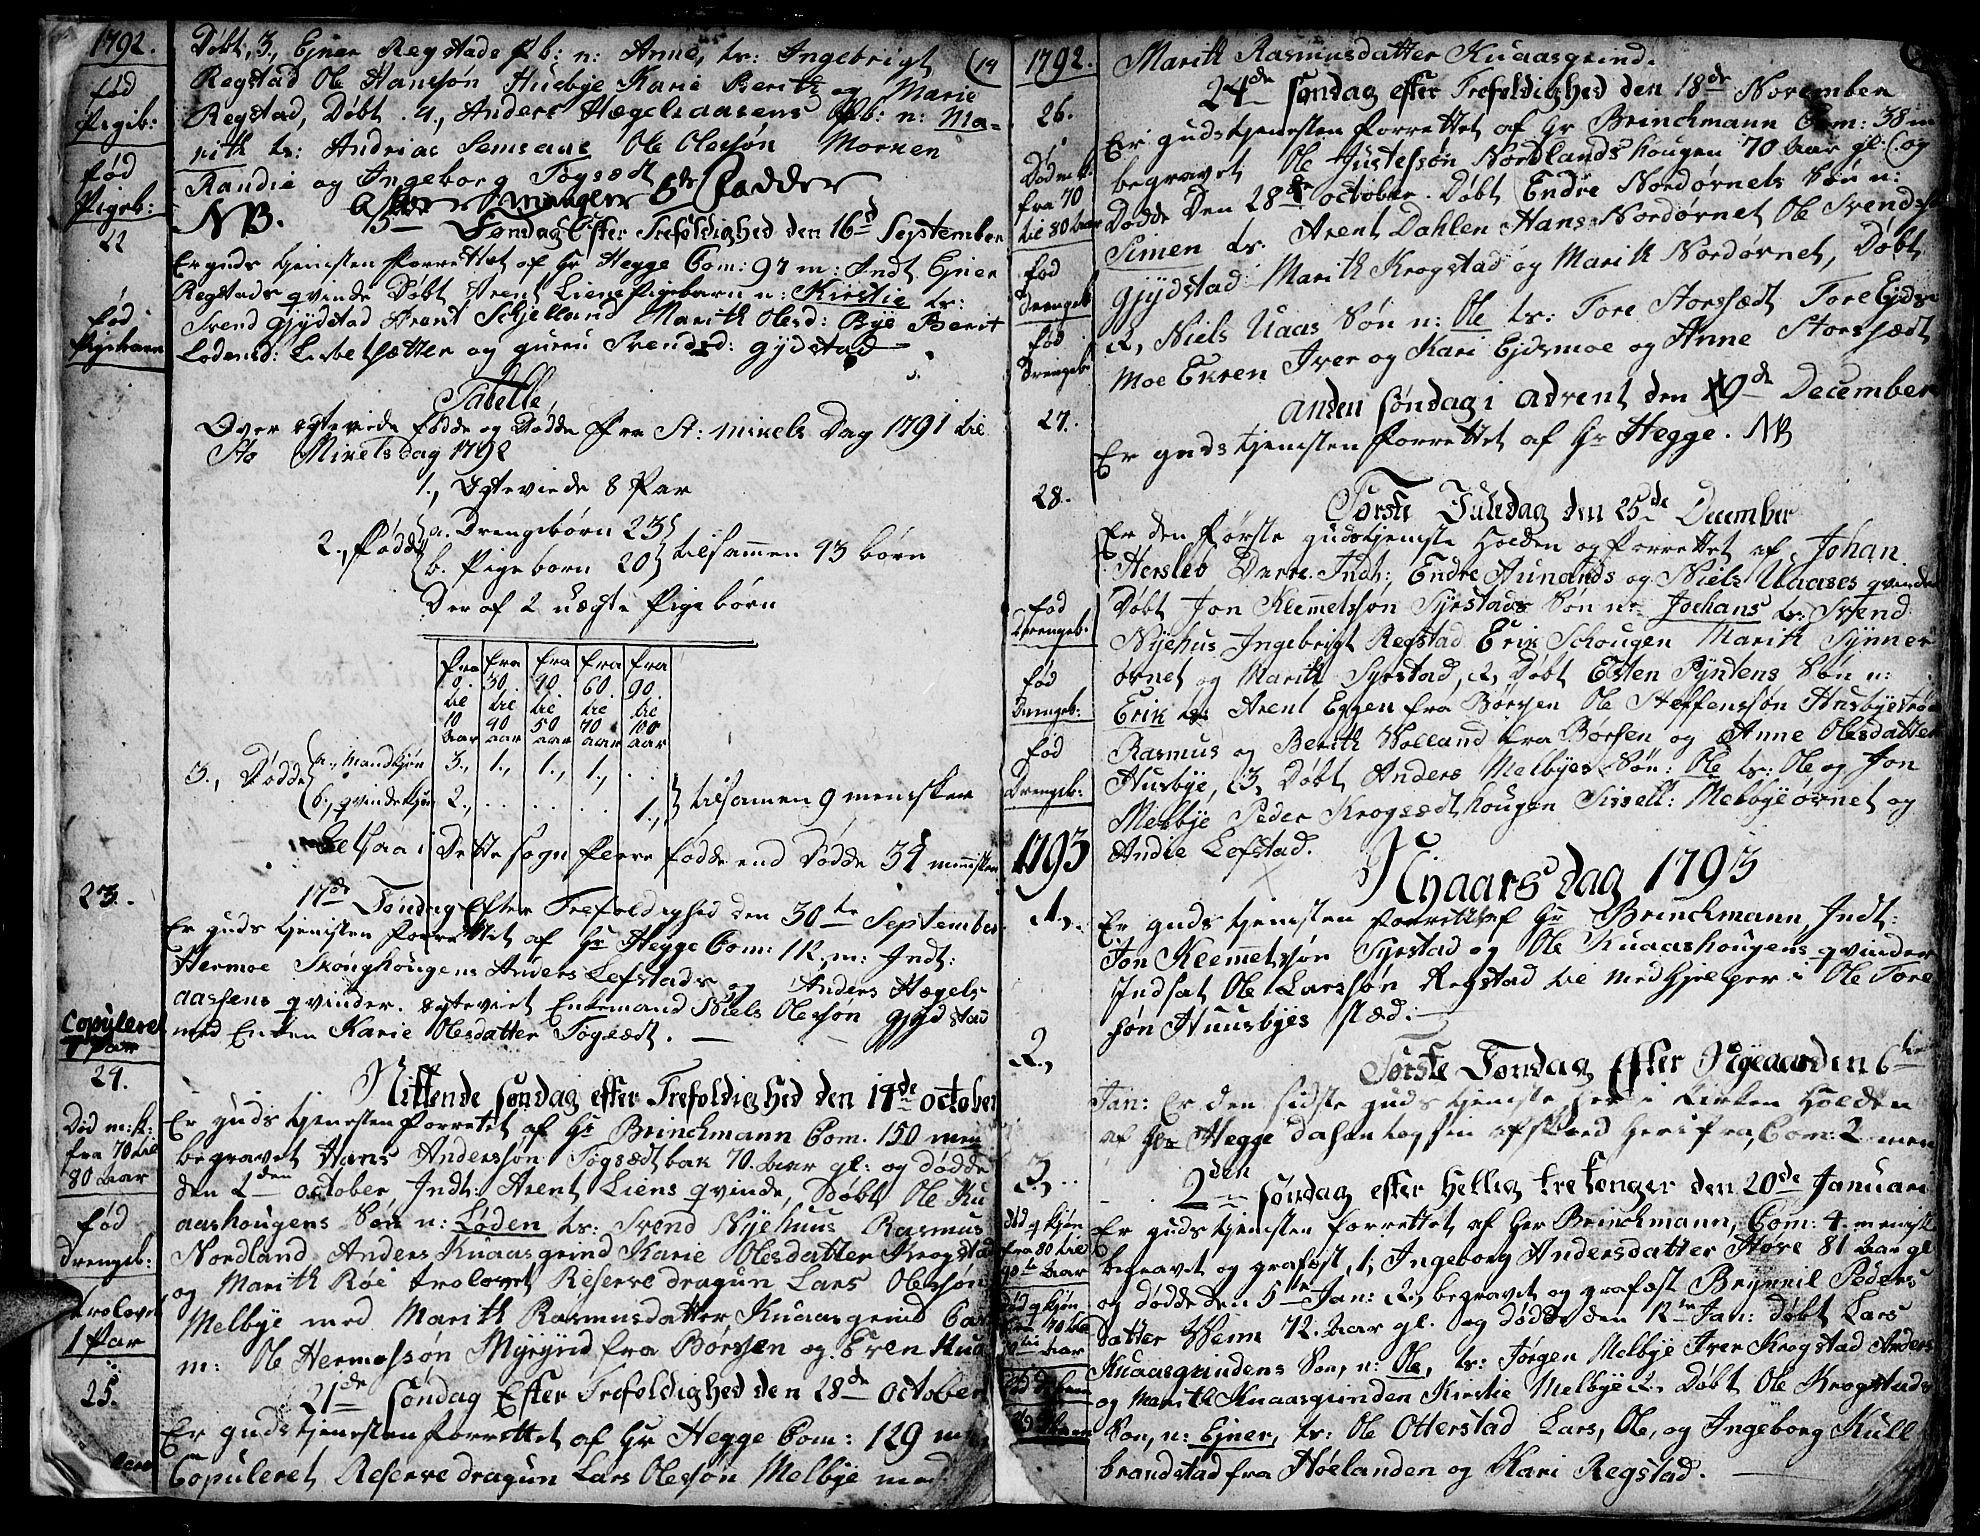 SAT, Ministerialprotokoller, klokkerbøker og fødselsregistre - Sør-Trøndelag, 667/L0794: Ministerialbok nr. 667A02, 1791-1816, s. 16-17